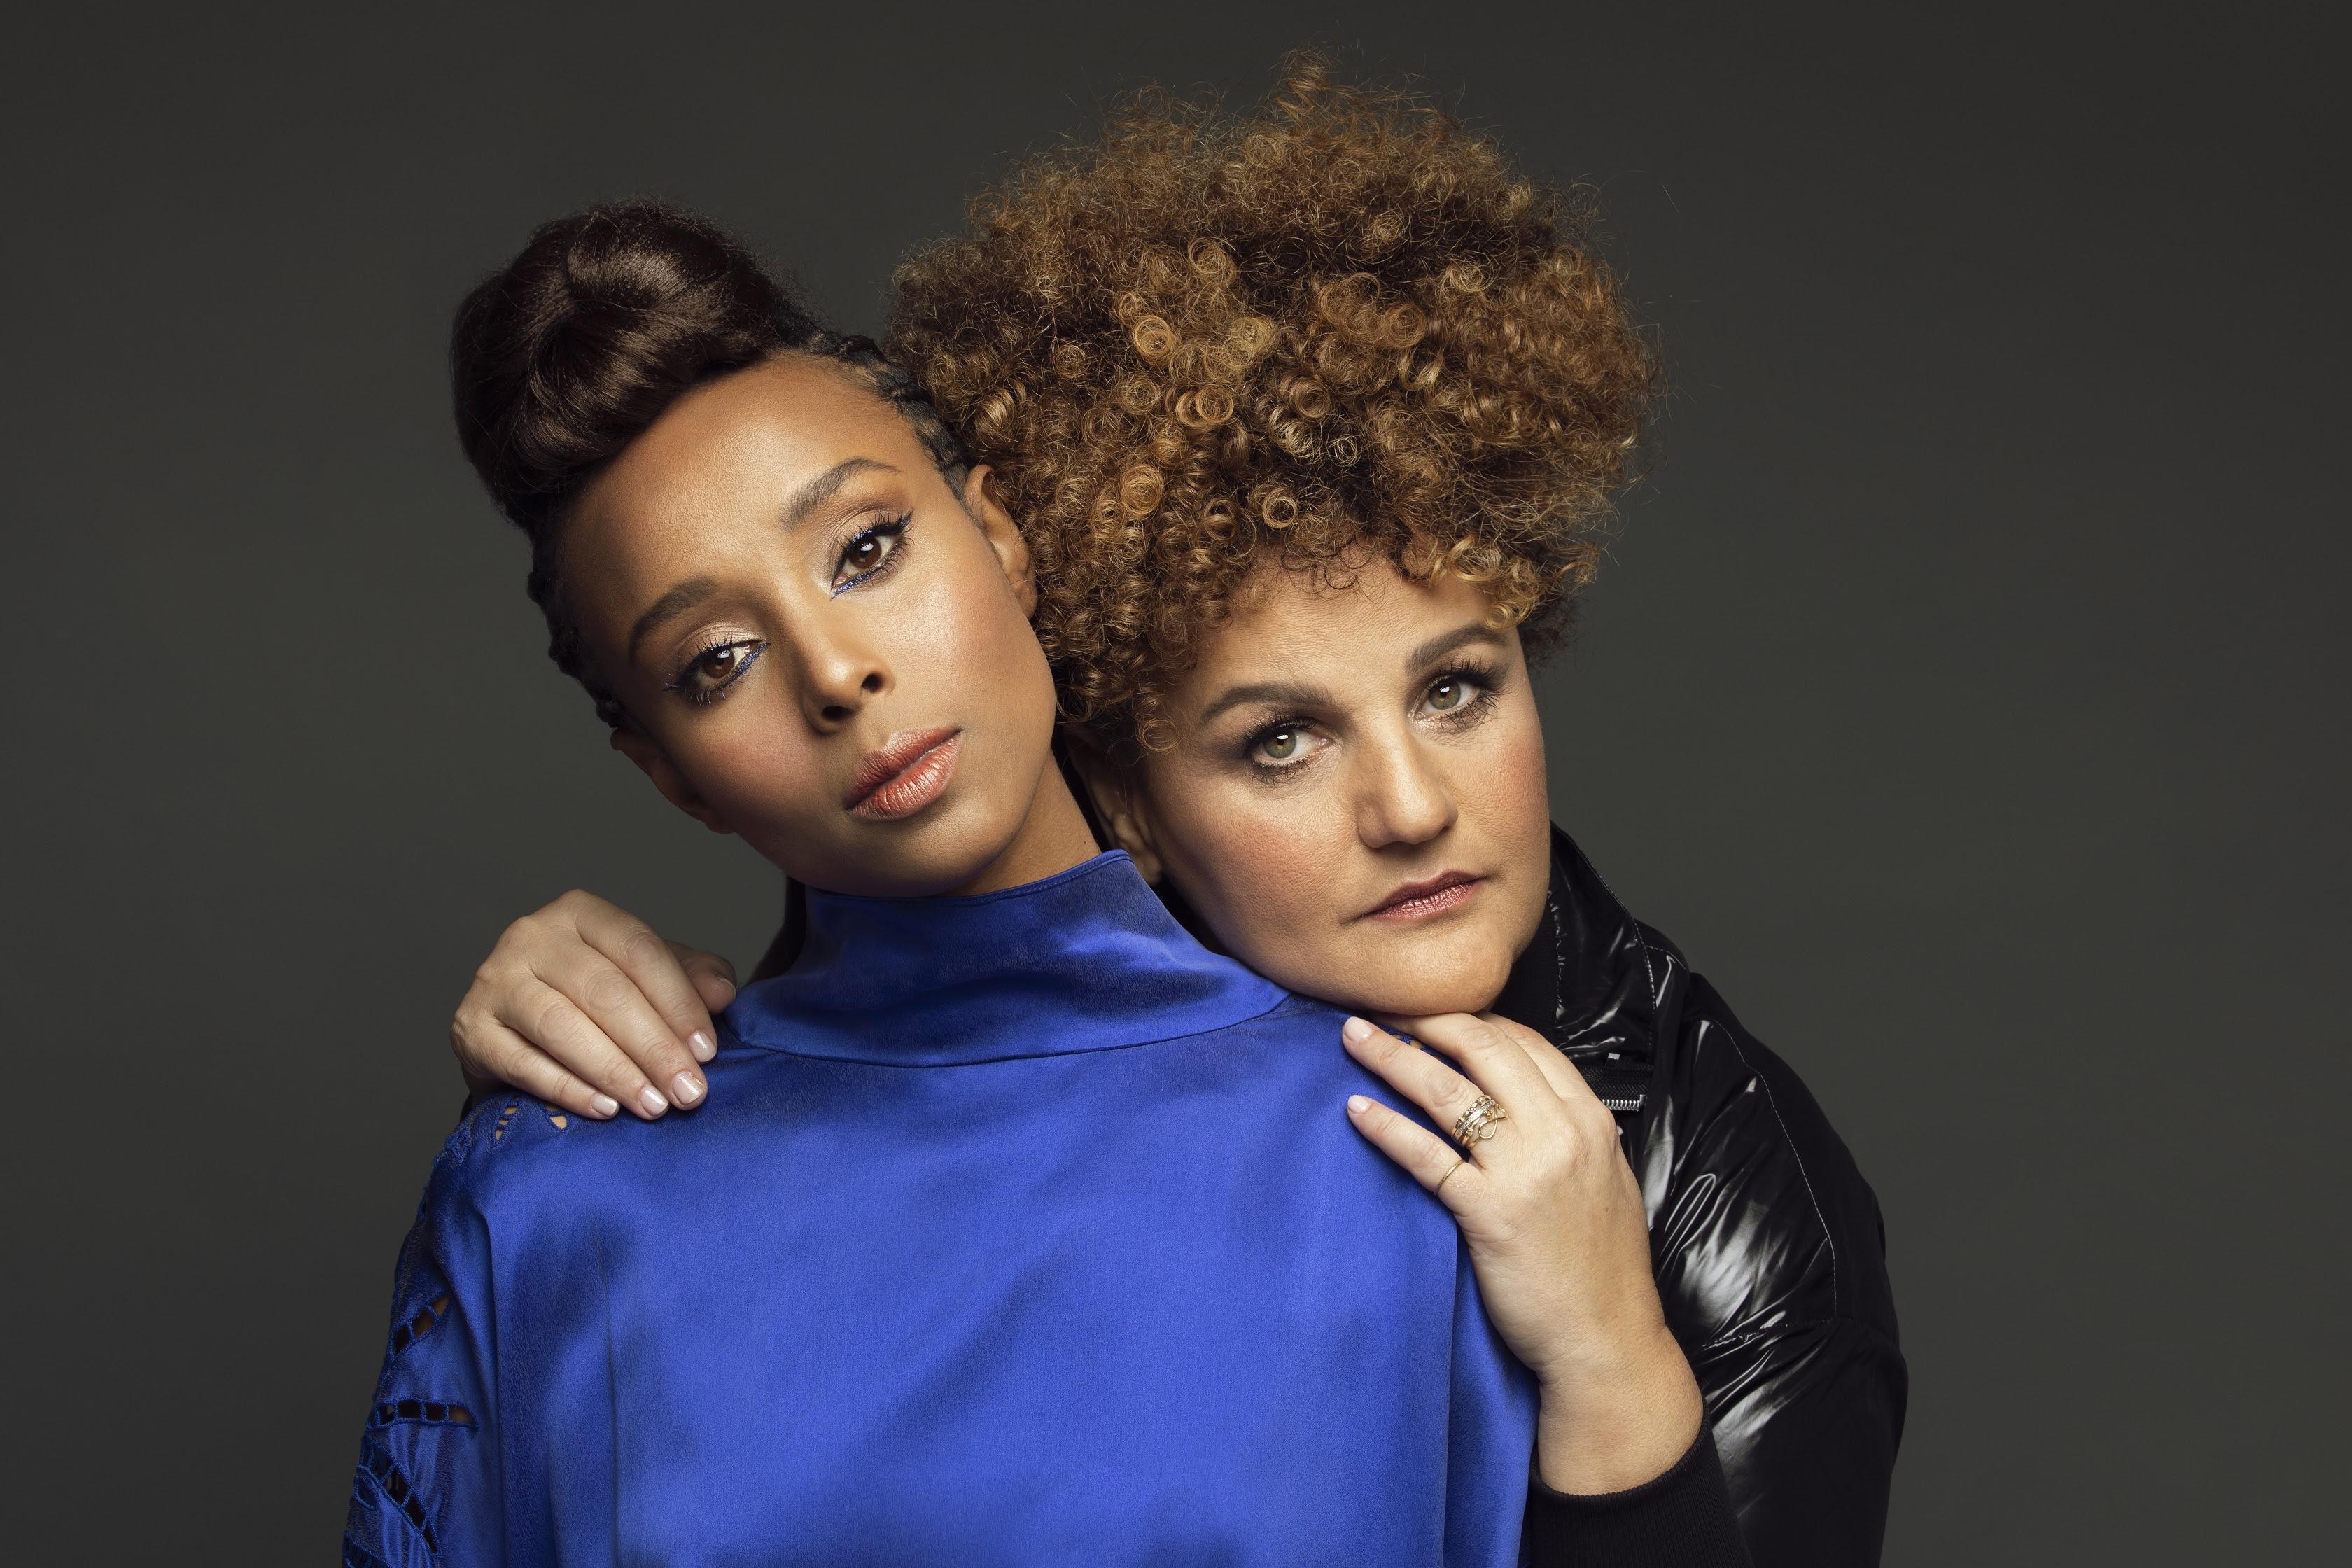 אסתר וקרולינה